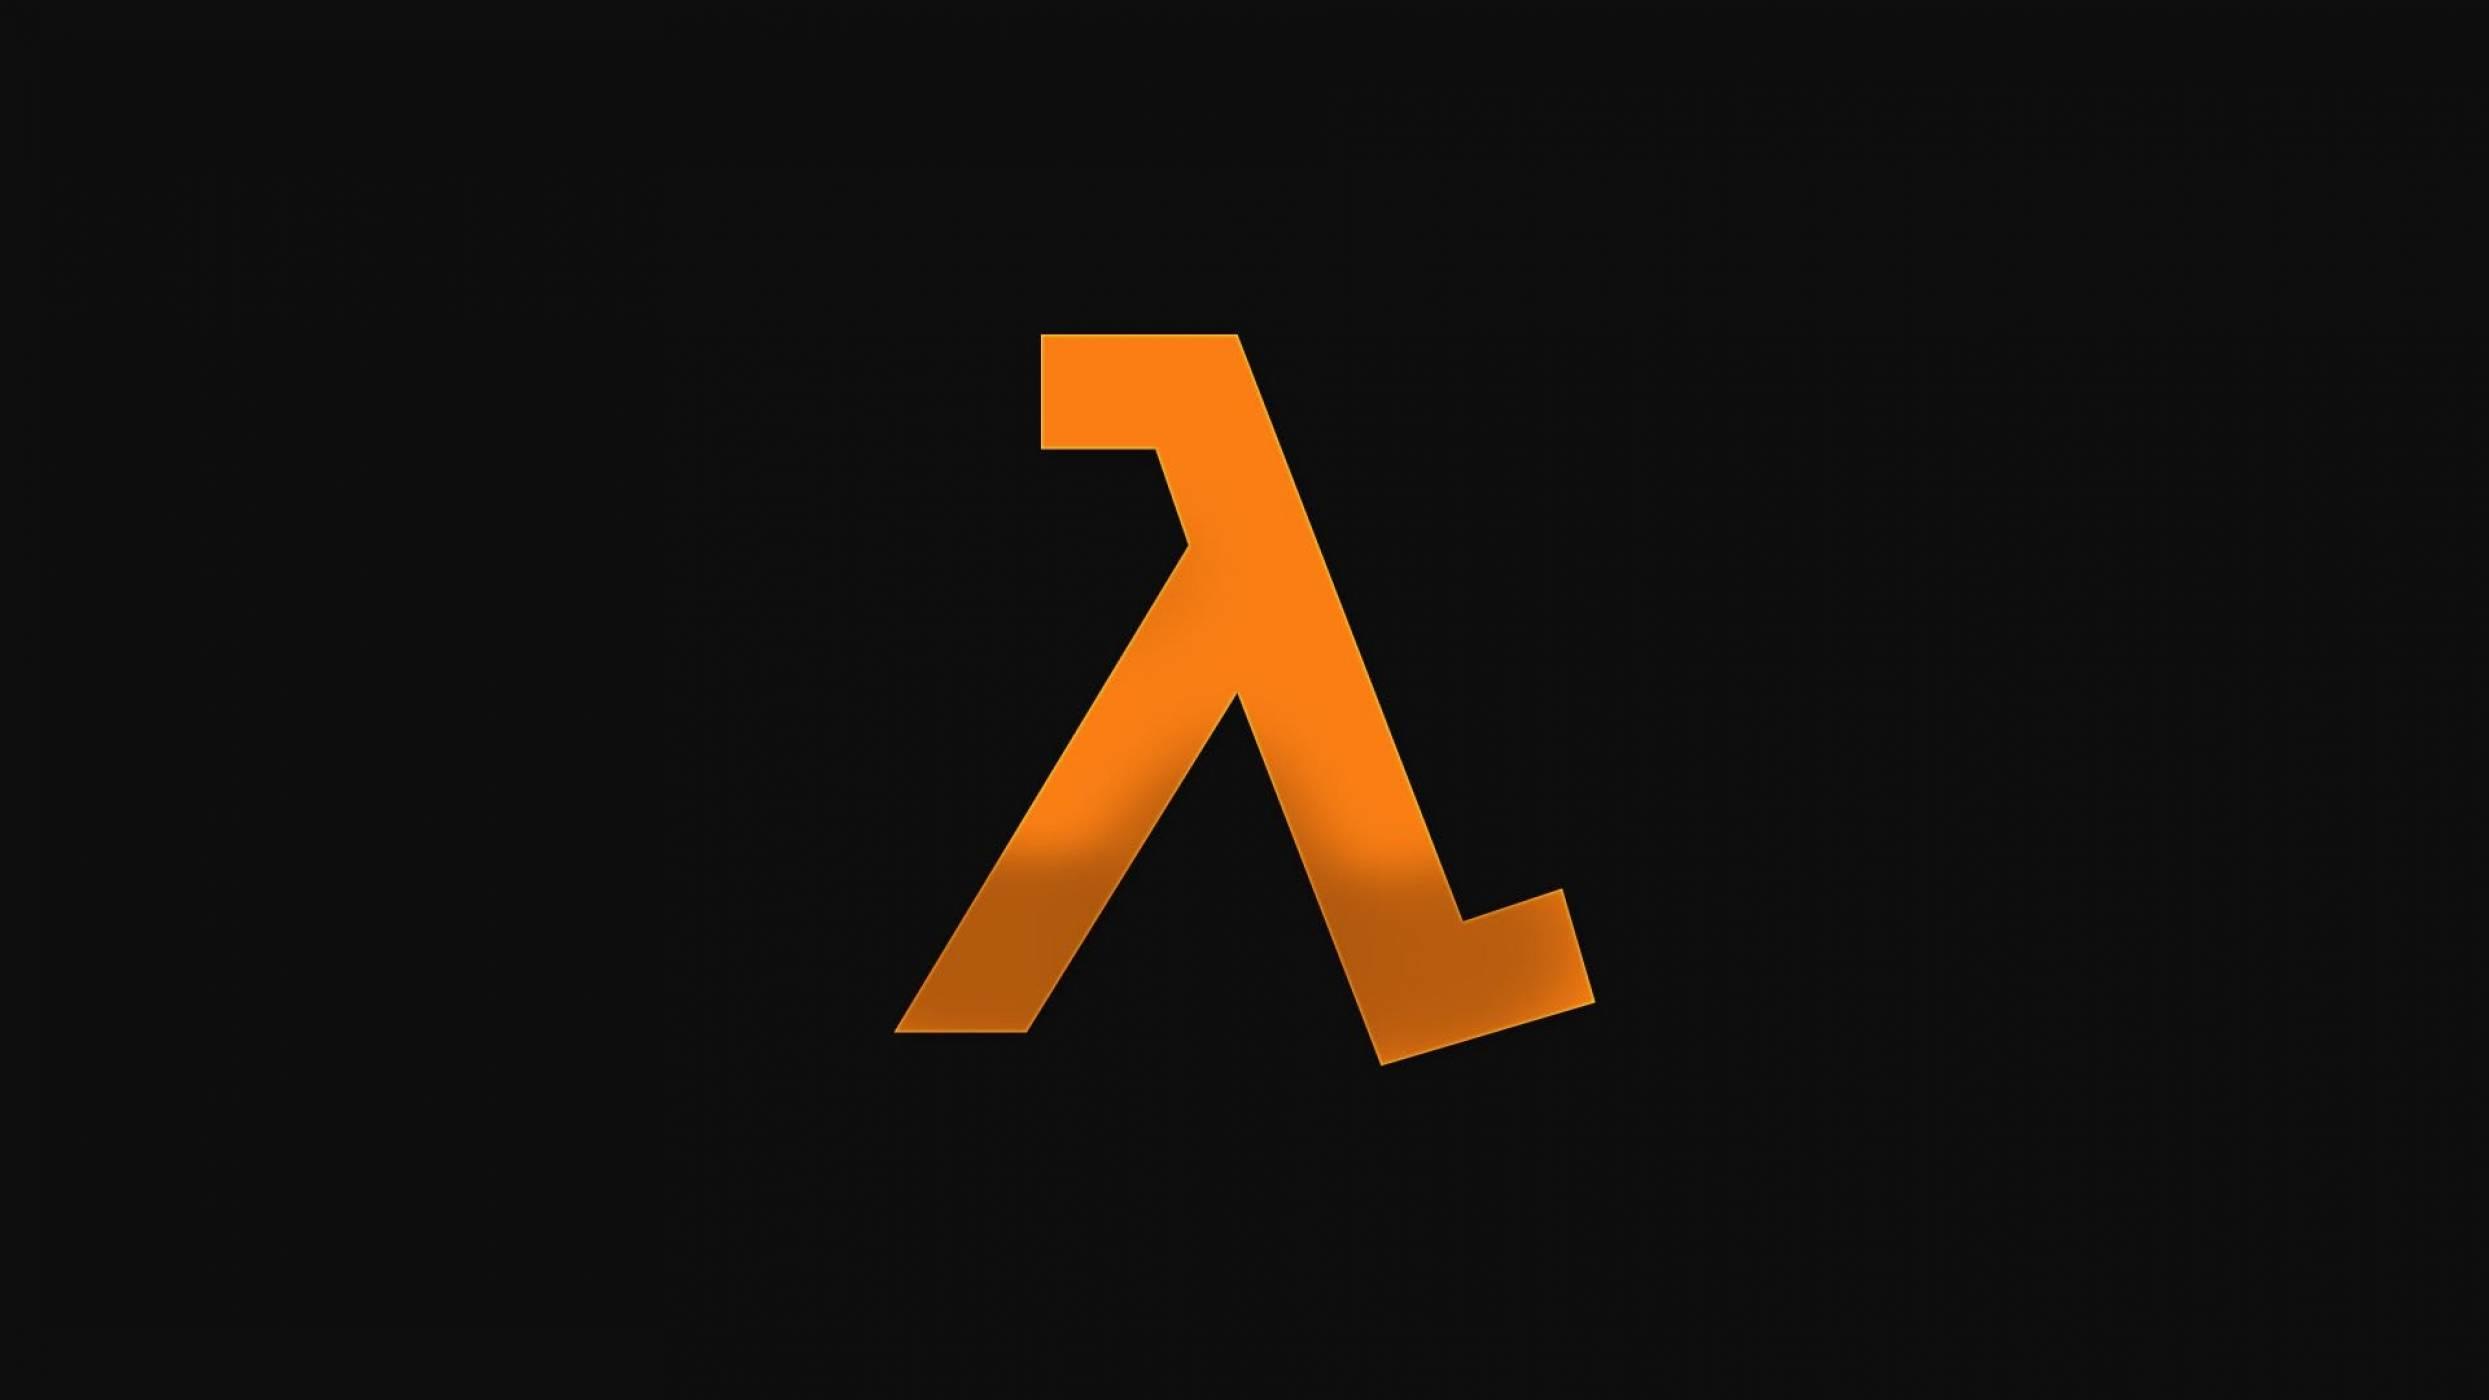 Повече детайли за няколко спрени проекта на Valve – включително Half-Life 3 (ВИДЕО)